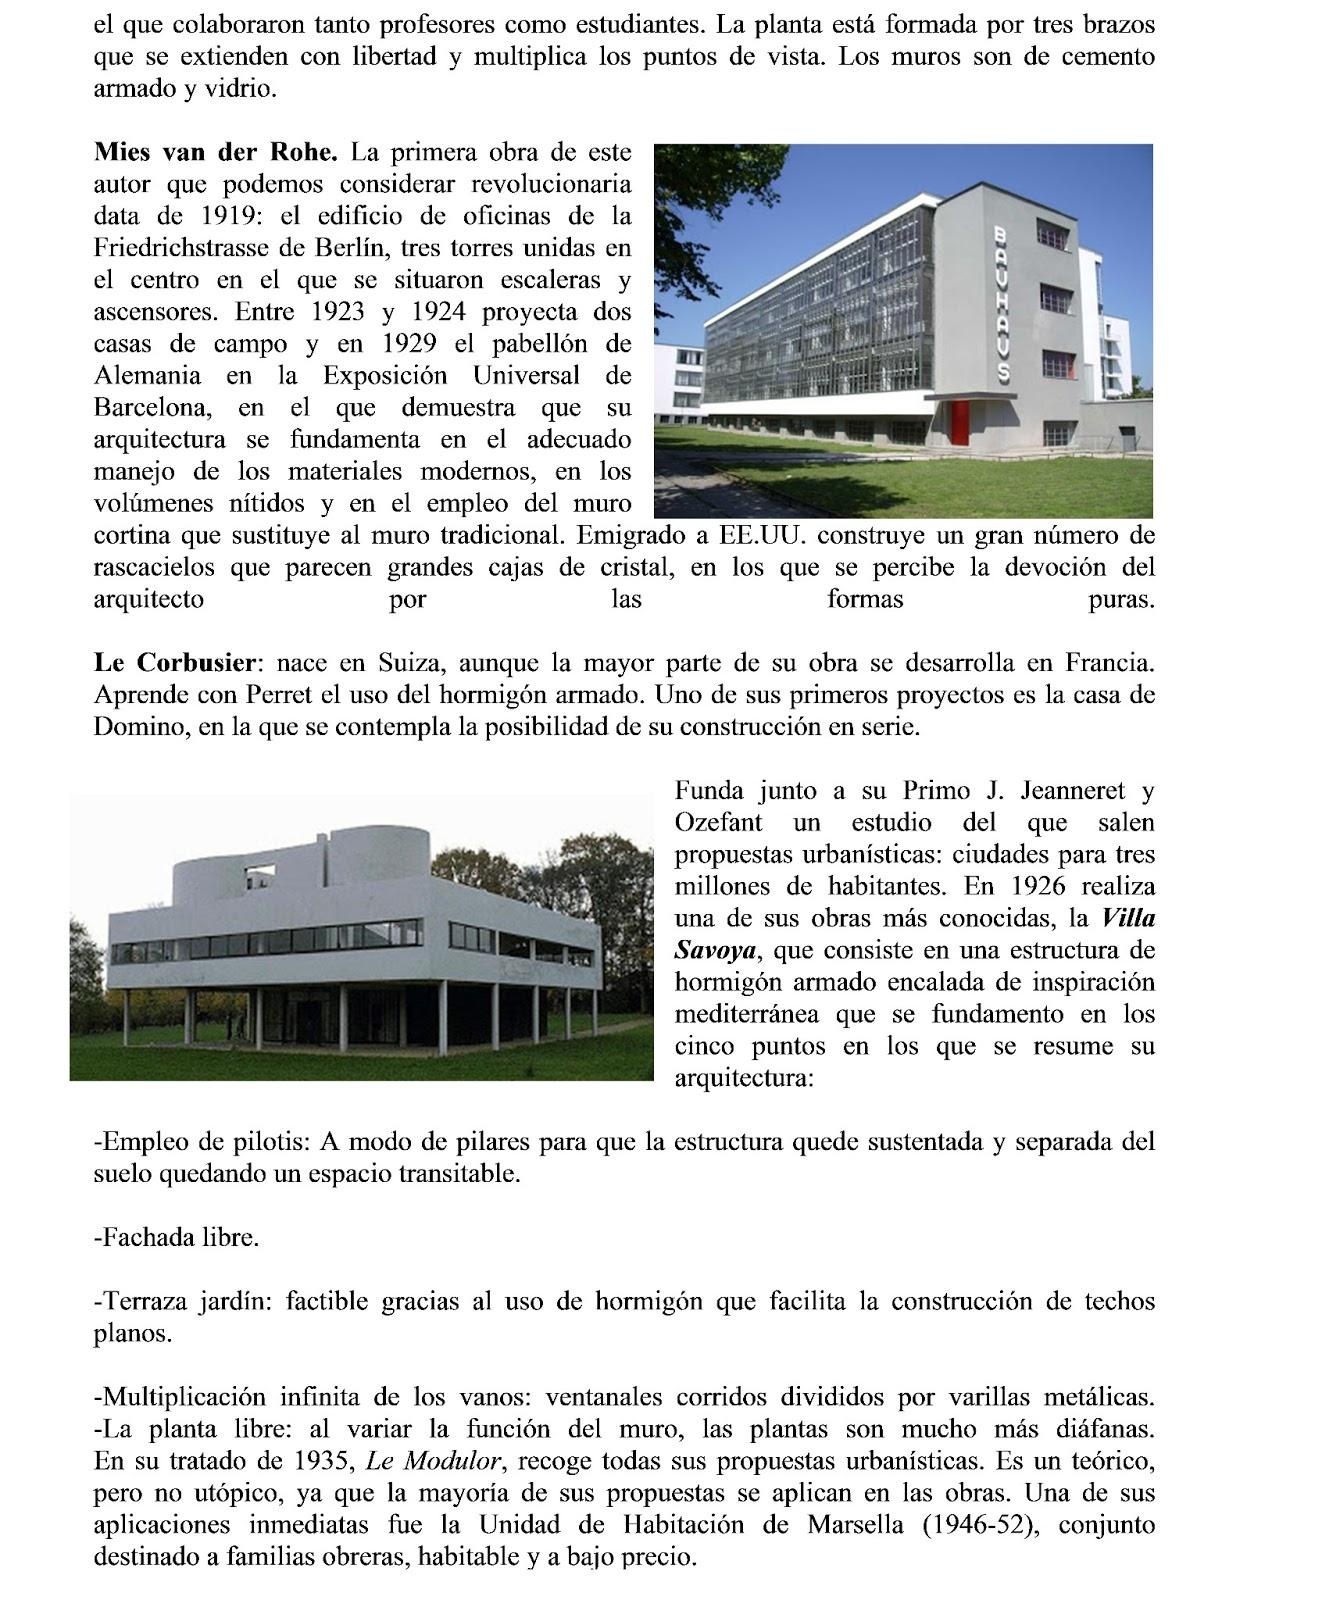 Blog del prof fernando gonz lez arquitectura del siglo xx for Blog de arquitectura